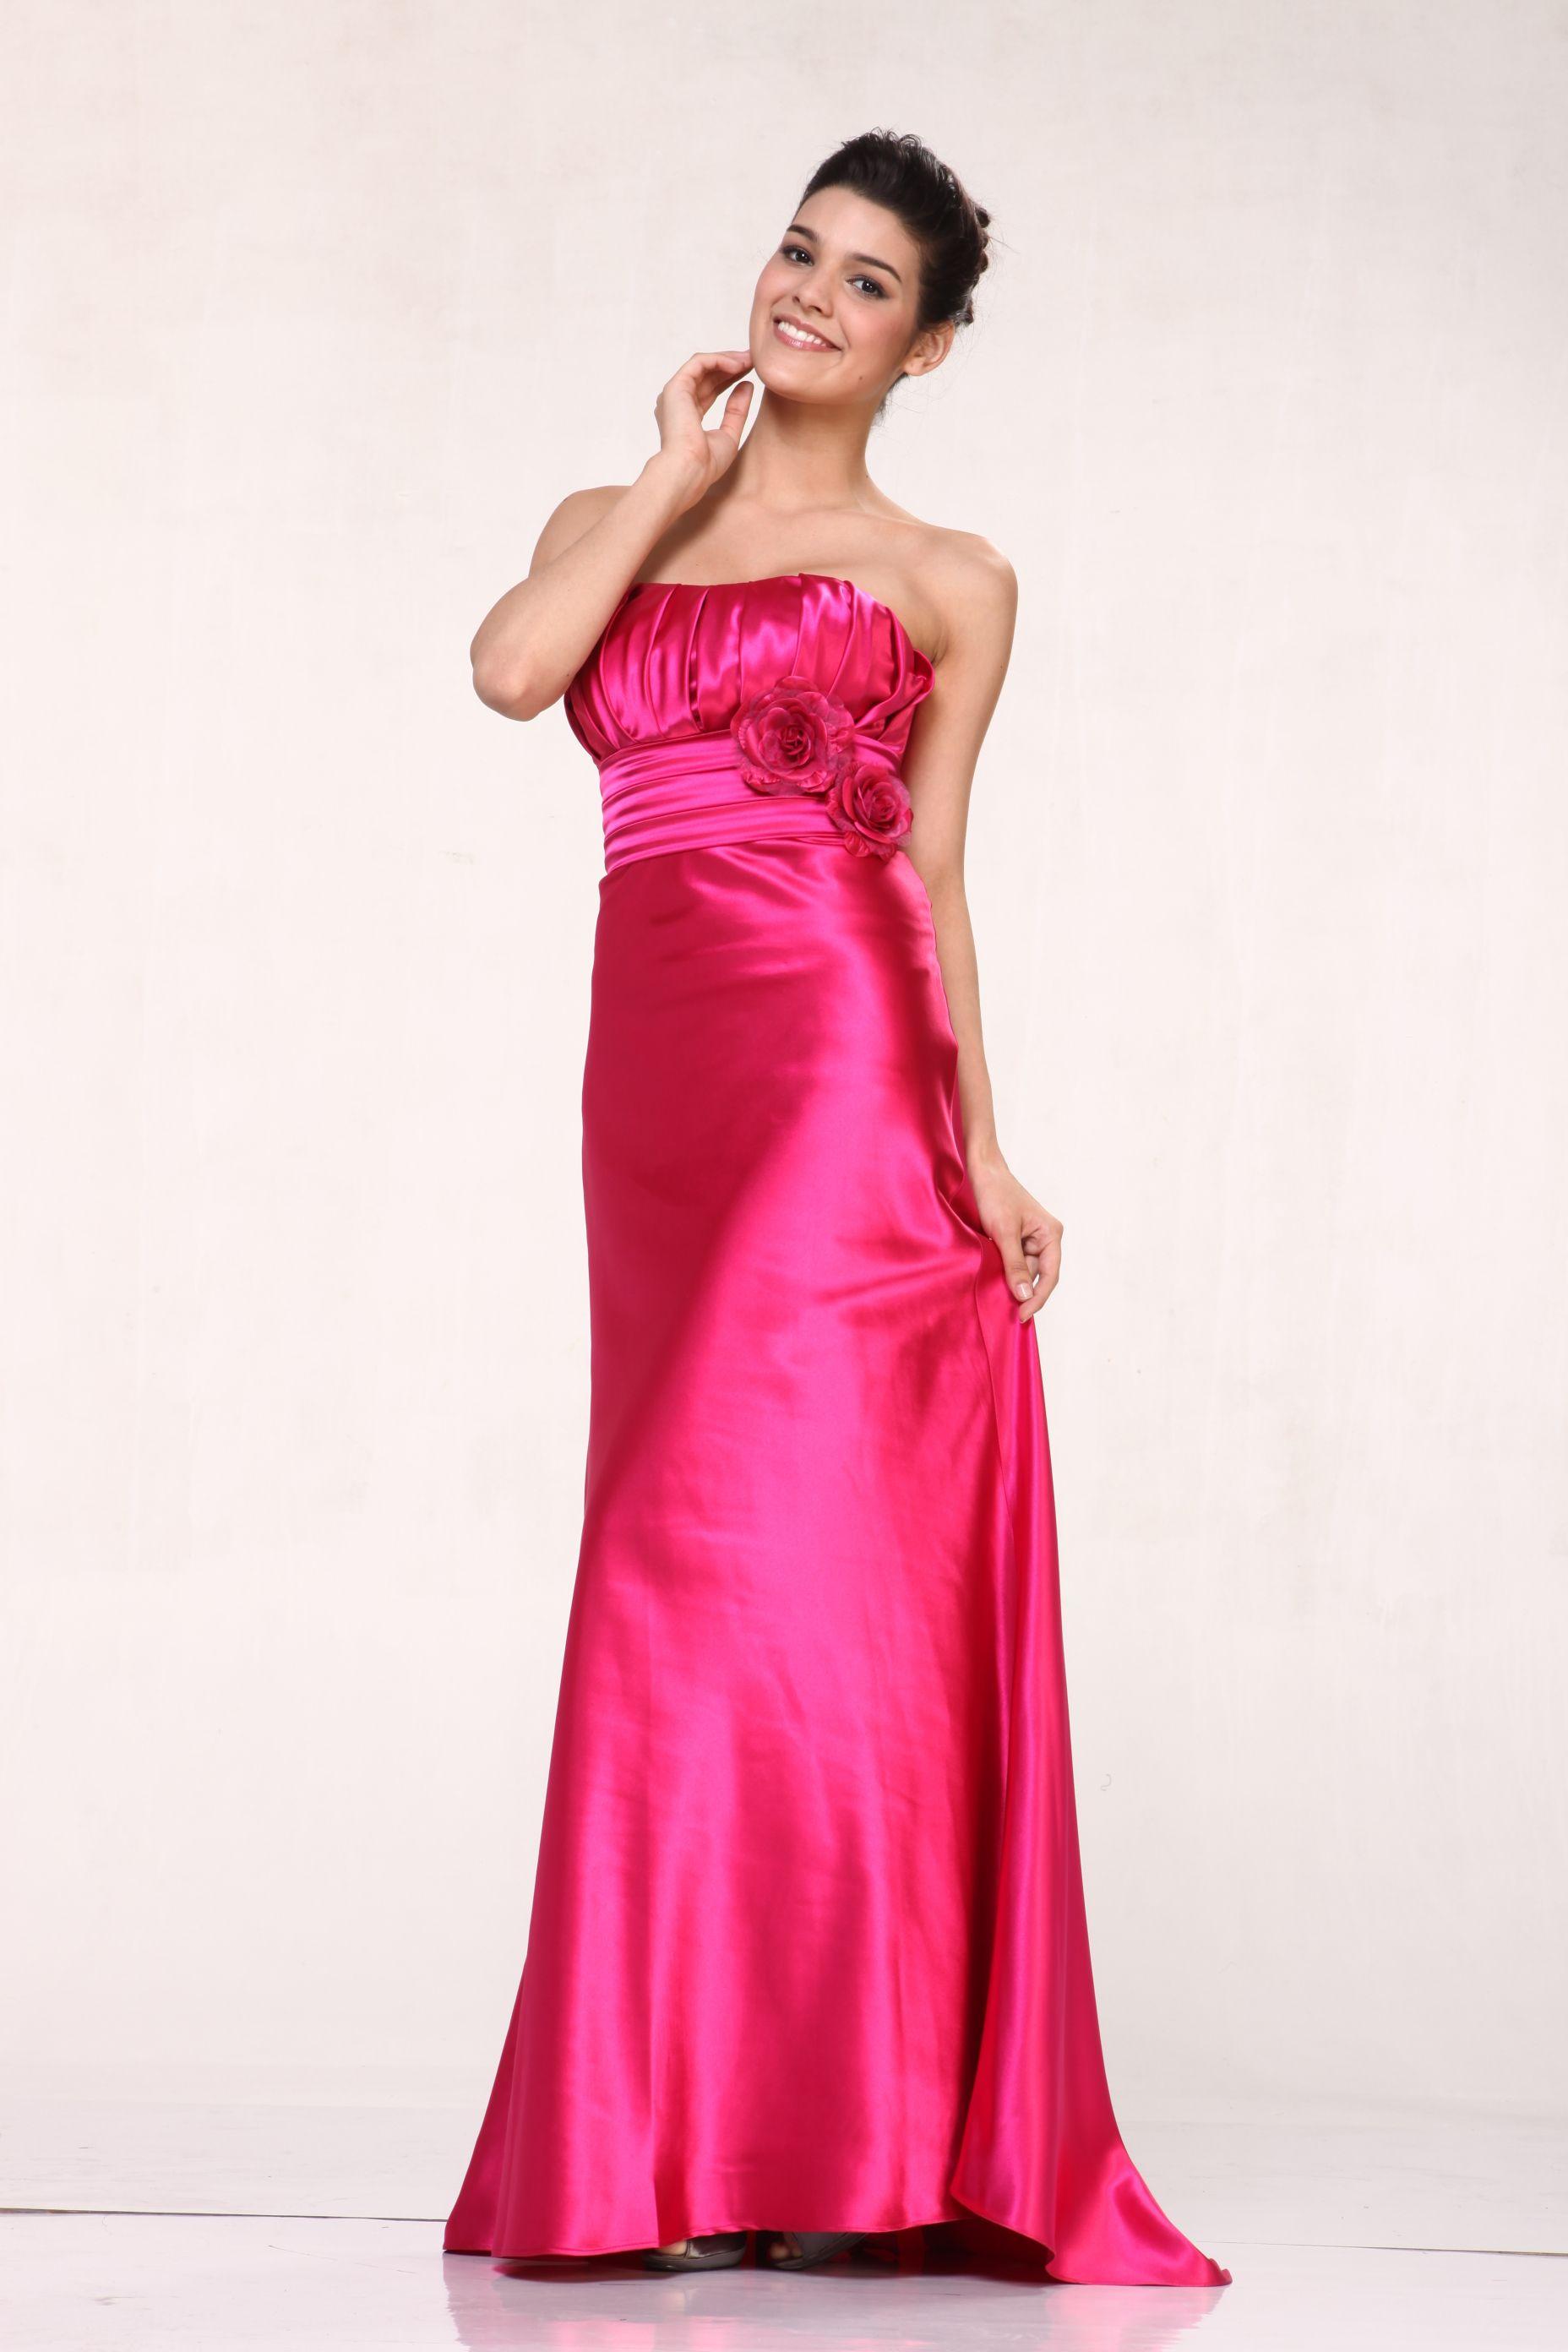 Lujoso Vestidos De Dama De Rosa Menores De 50 Años Composición ...